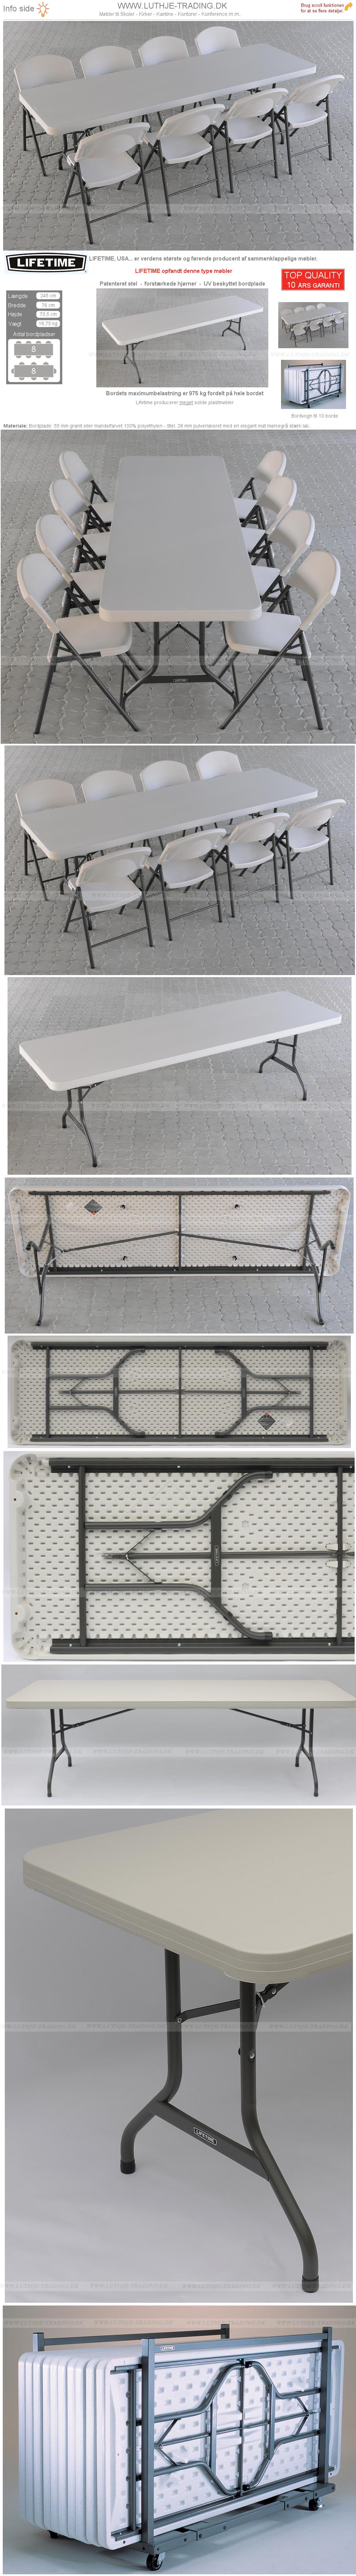 Klapstol med Lifetime plastbord 245 x 76 cm. Vi giver gerne et godt tilbud på denne klapstol.